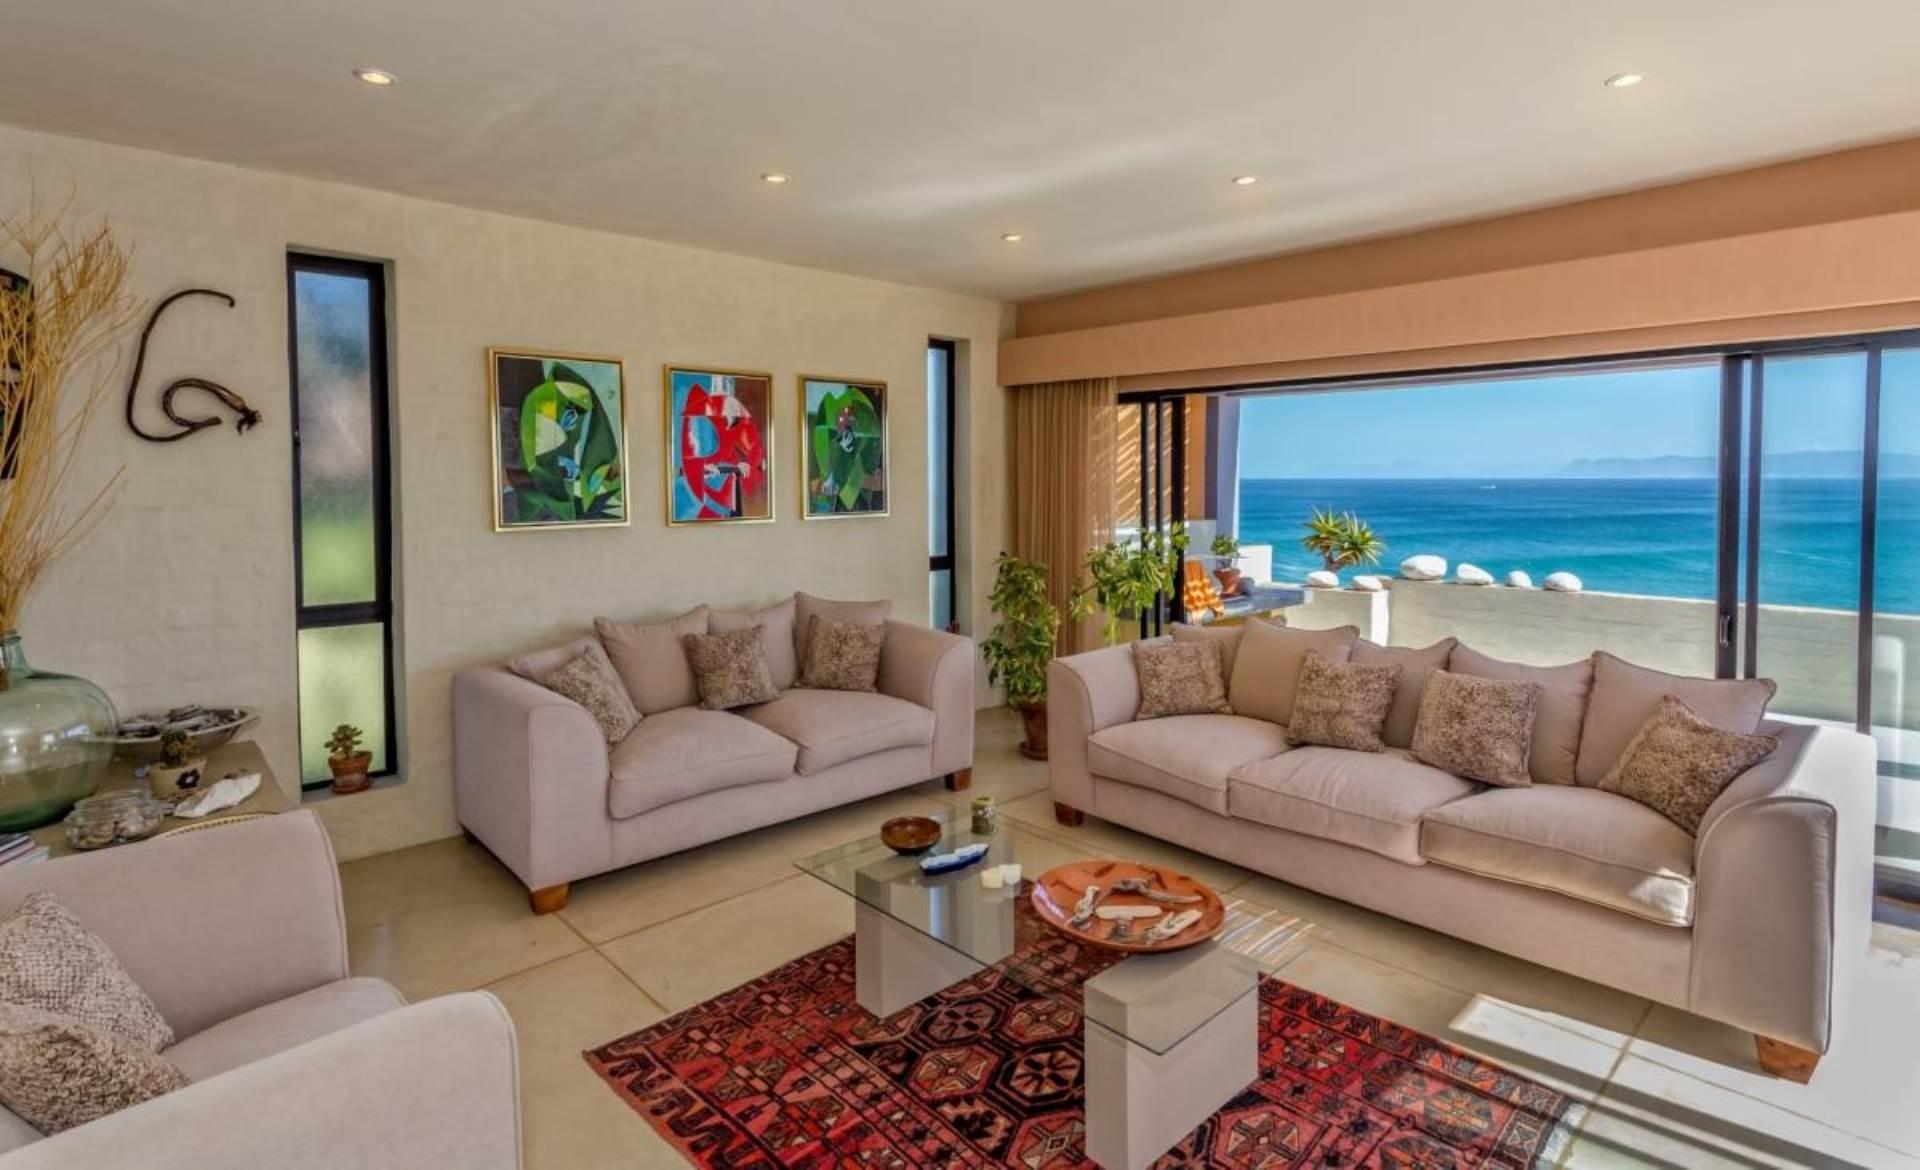 Gansbaai, De Kelders Property  | Houses For Sale De Kelders, DE KELDERS, House 3 bedrooms property for sale Price:7,950,000